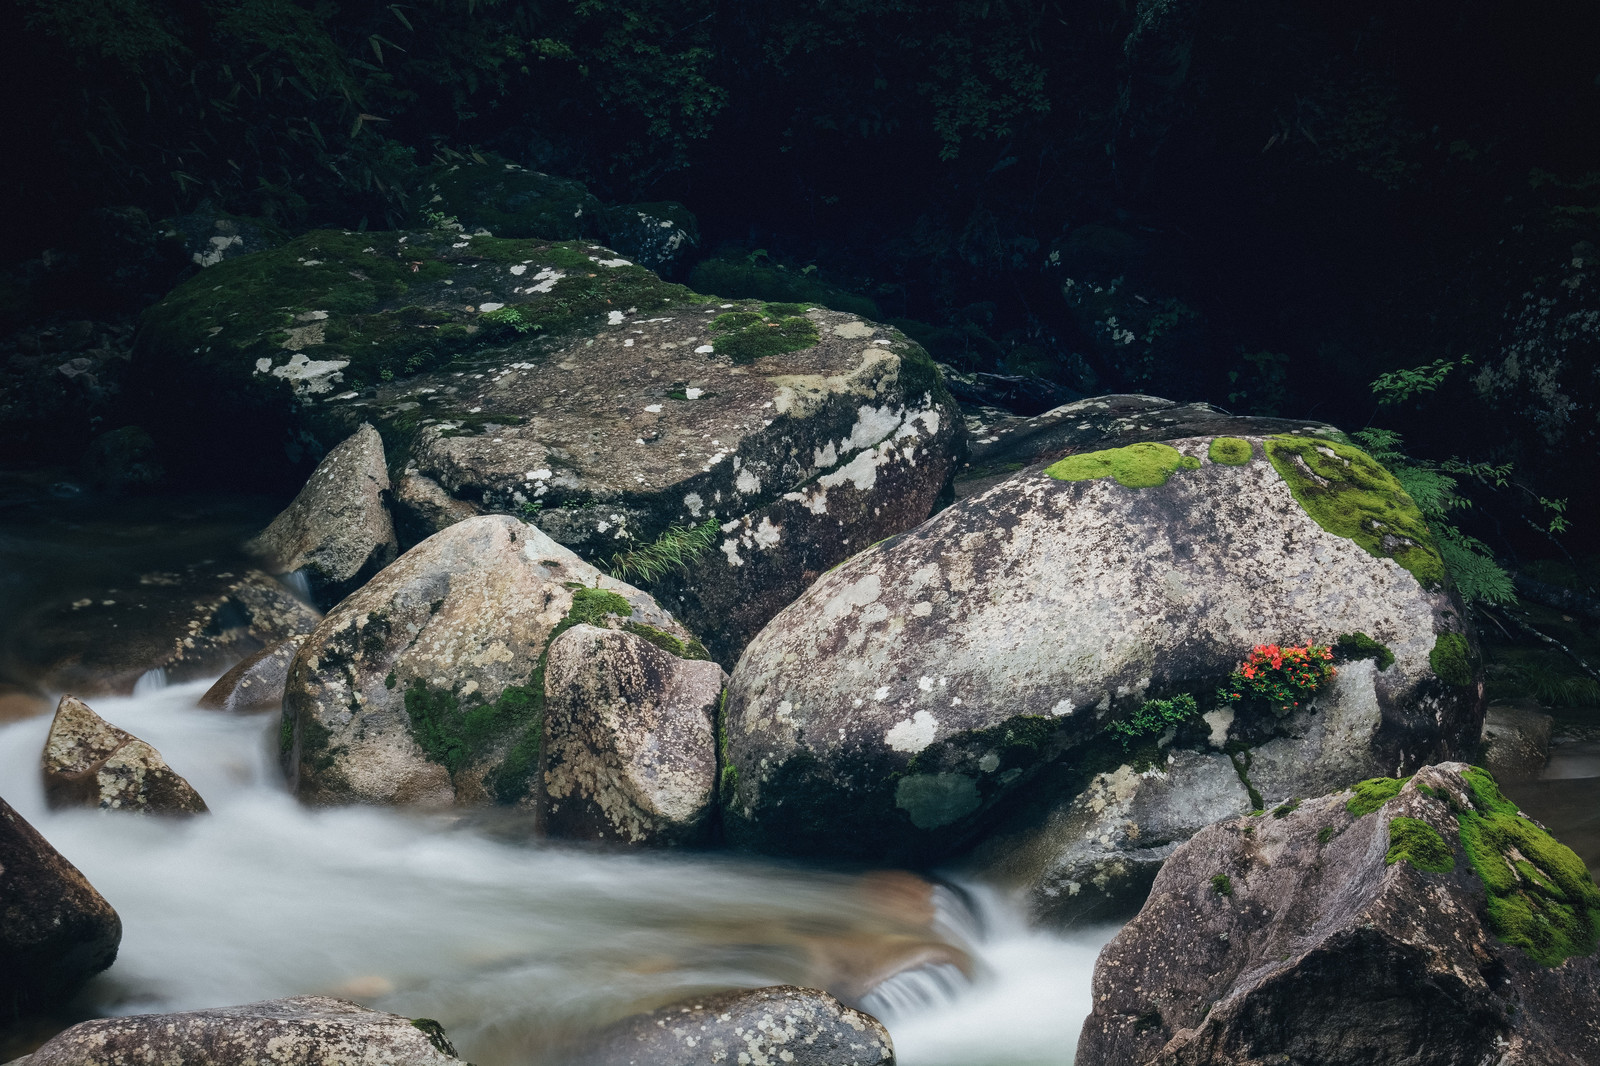 「岩に咲く 小戸名渓谷の岩つつじ岩に咲く 小戸名渓谷の岩つつじ」のフリー写真素材を拡大